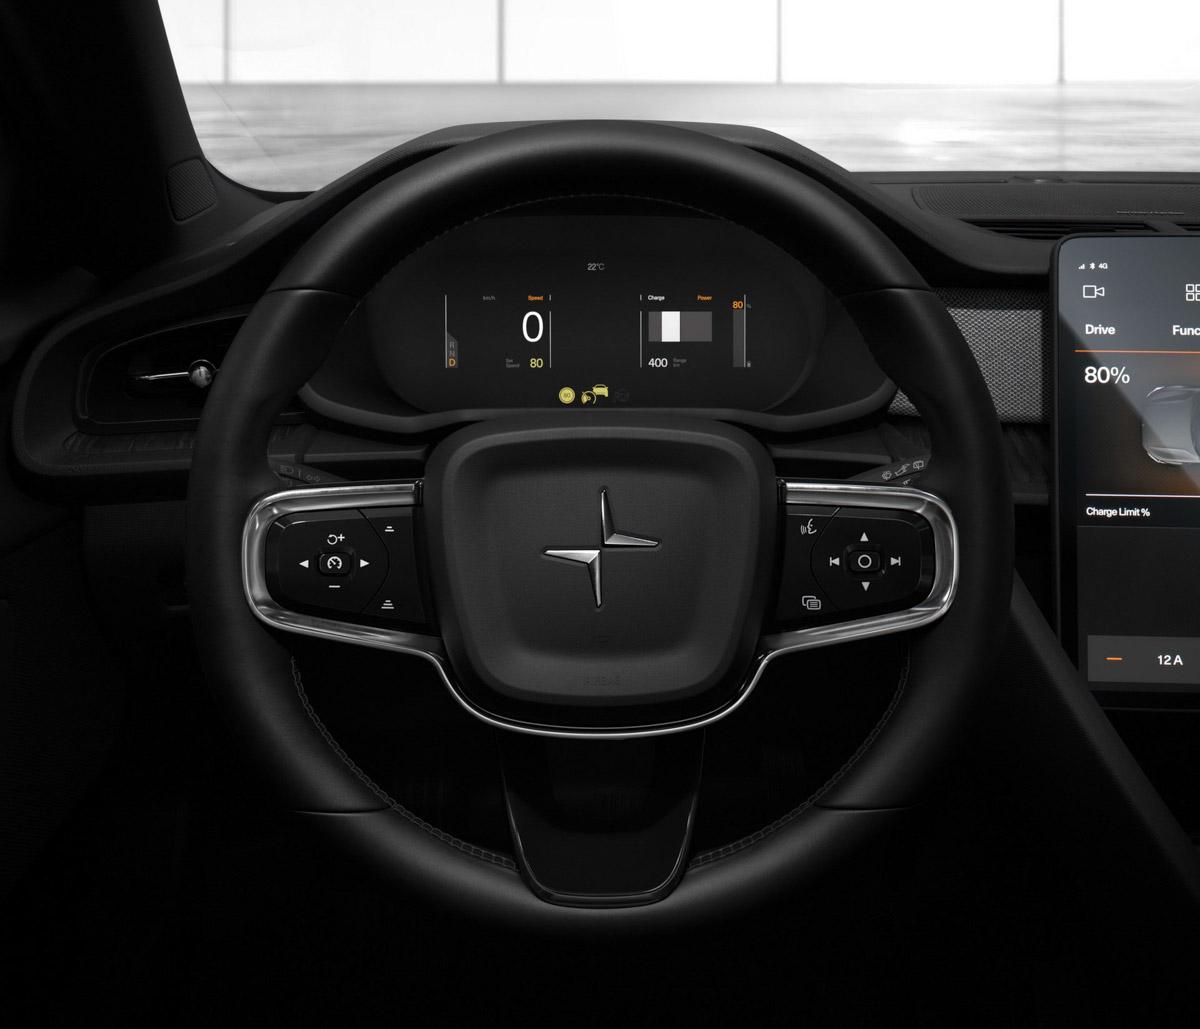 2020 Volvo S60 Sedan Interior Facelift: Volvo's Polestar 2 EV Revealed With 402 HP And 500 KM Range